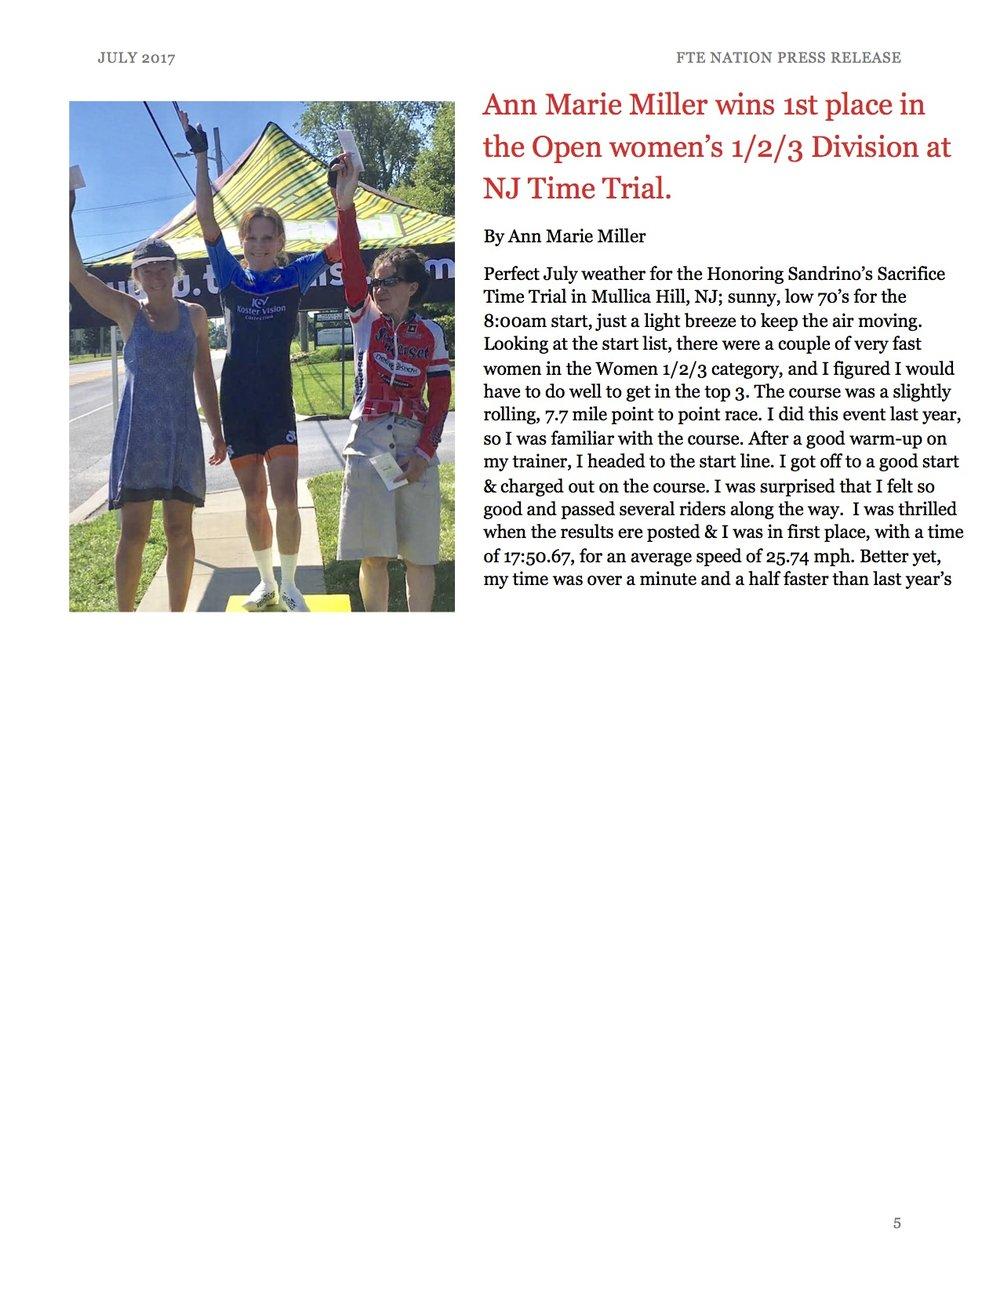 July 2017 Press Release 5.jpg